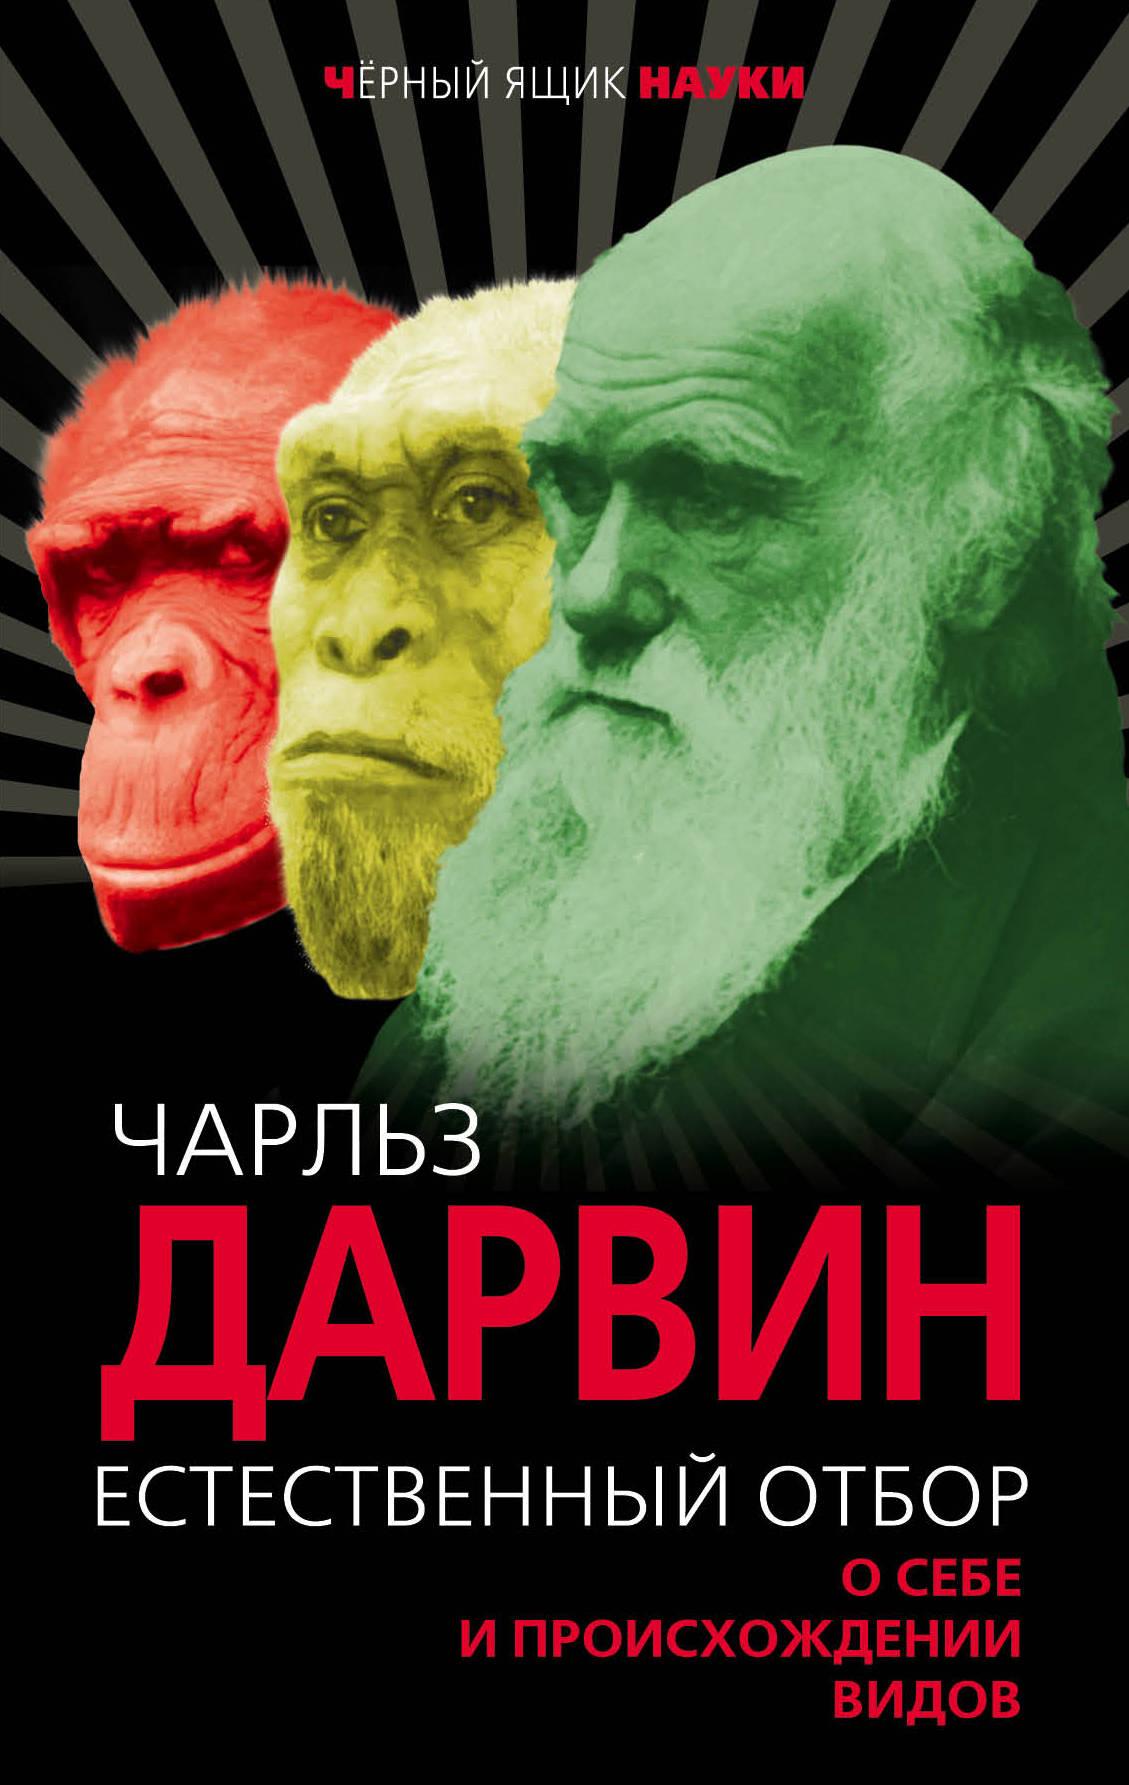 Дарвин Чарлз Роберт Естественный отбор. О себе и происхождении видов книги рипол классик великие имена чарльз дарвин